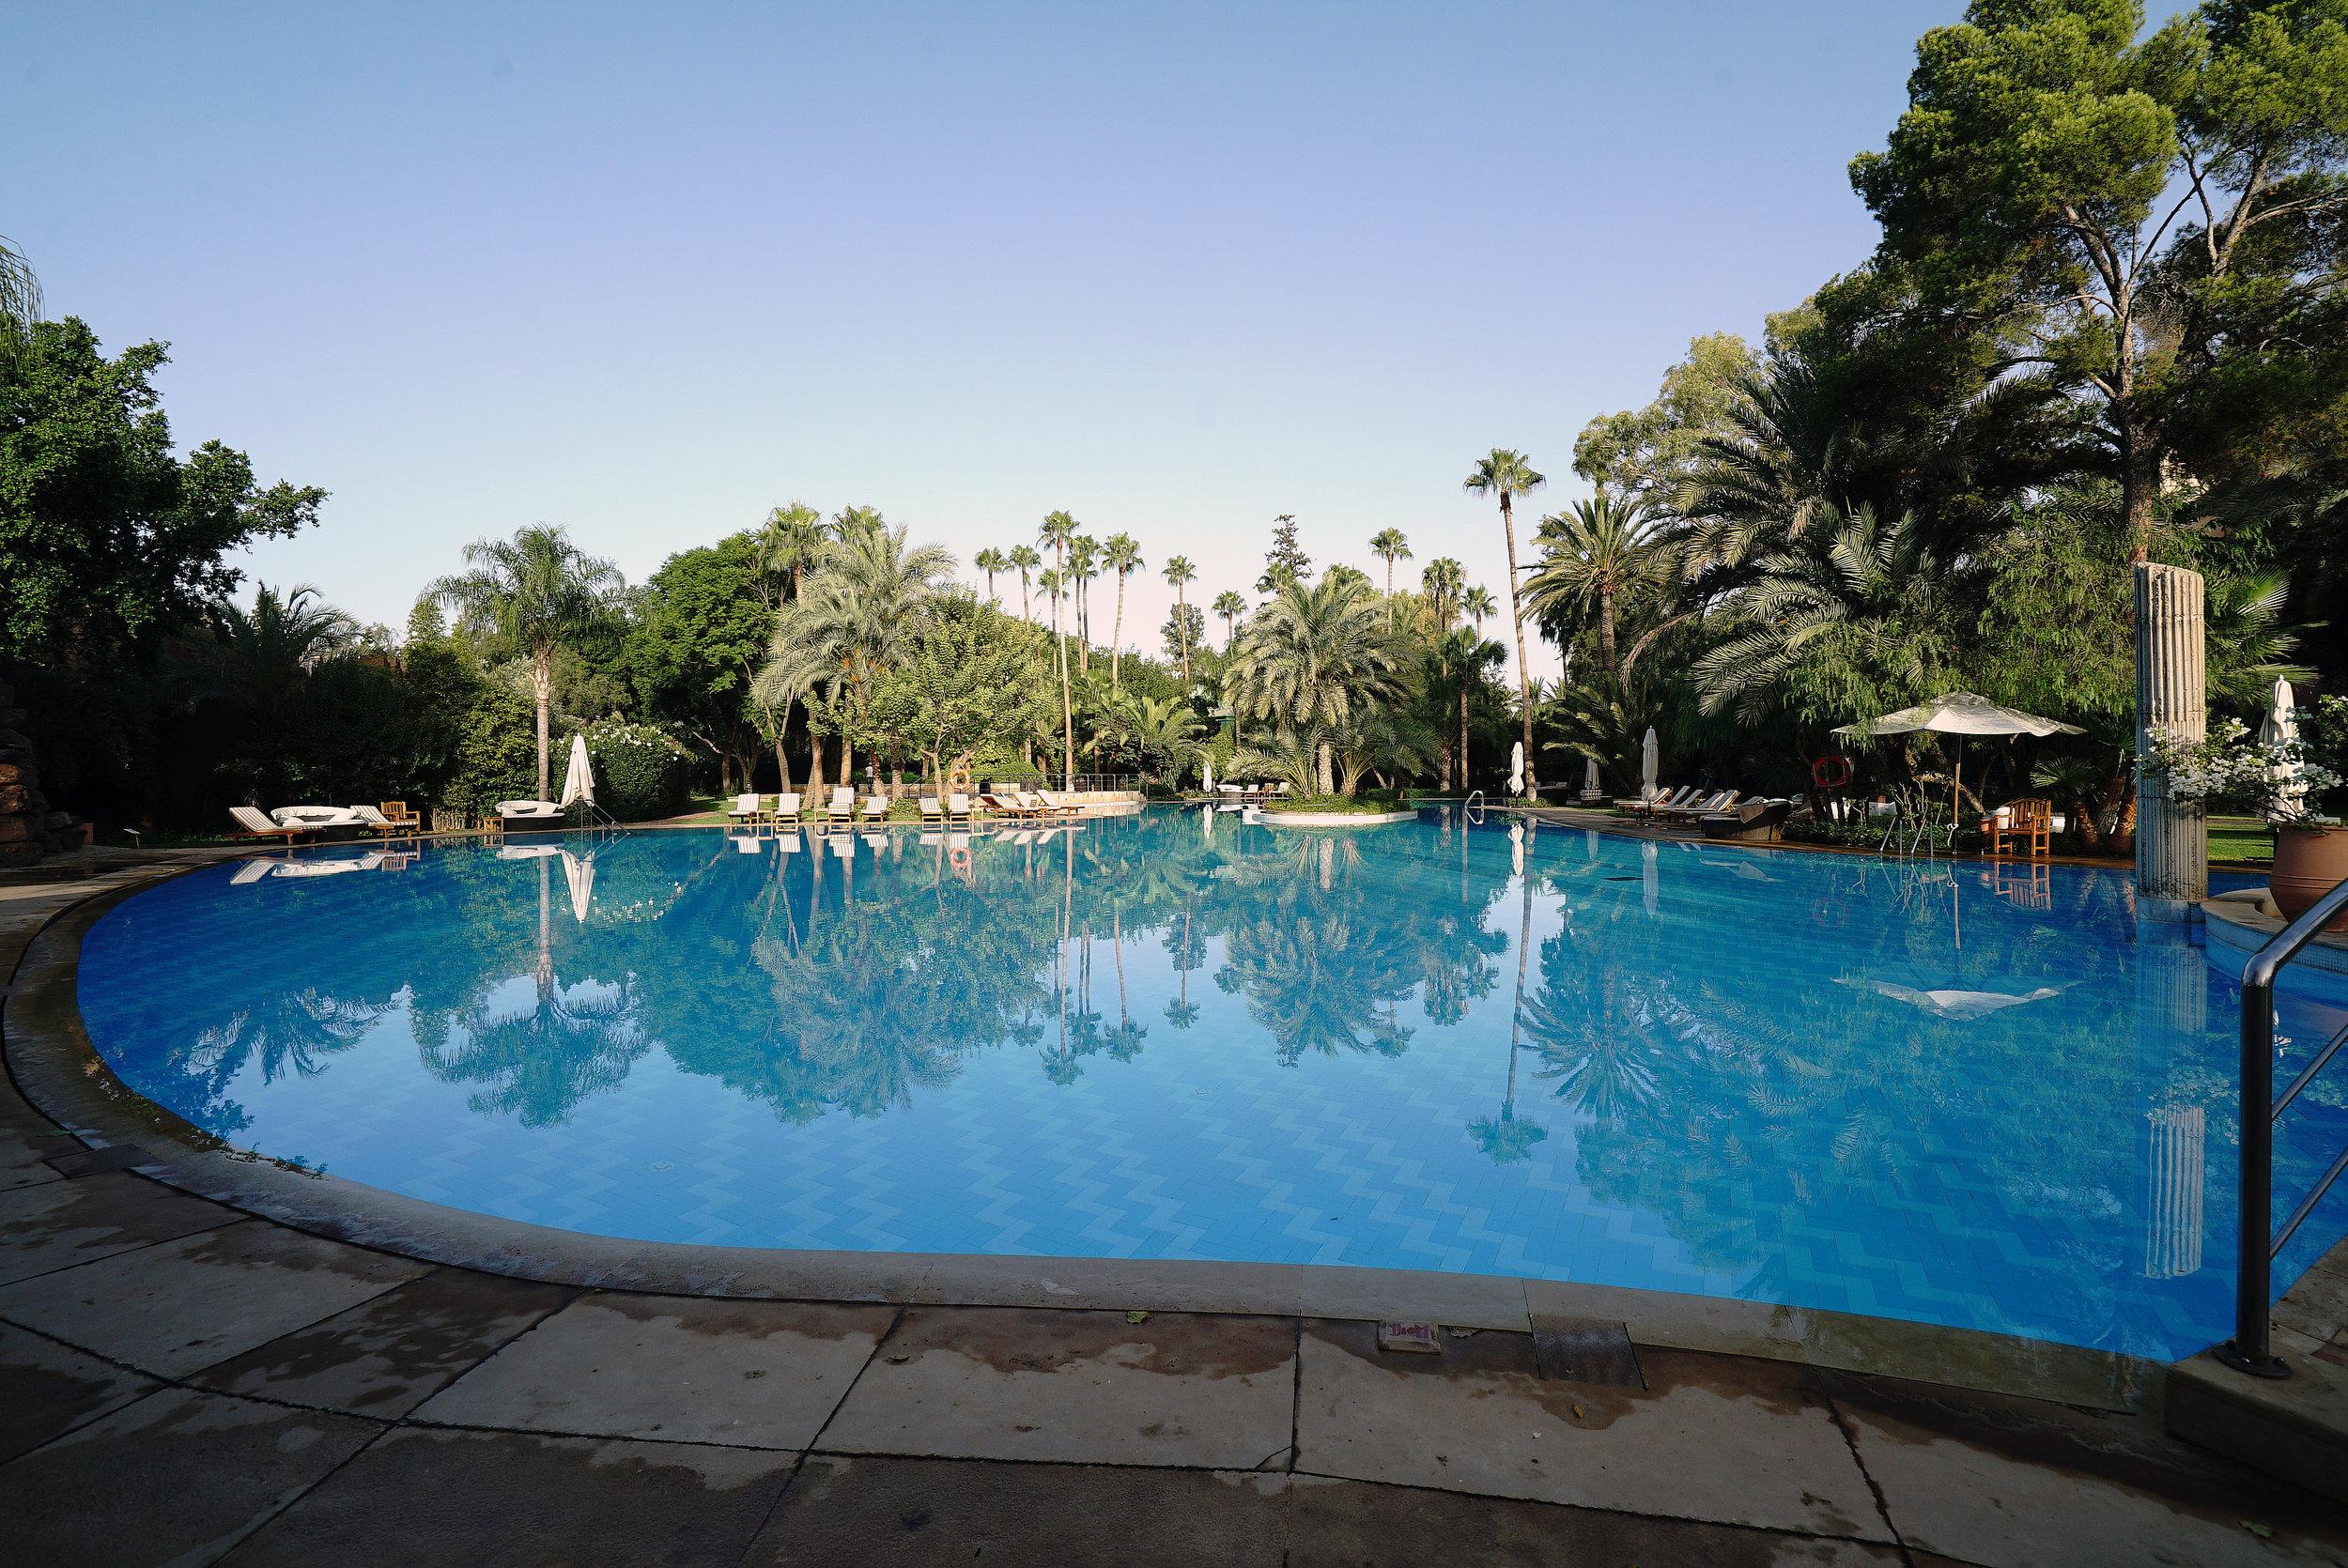 Es Saadi The Palace Swimming Pool.jpg